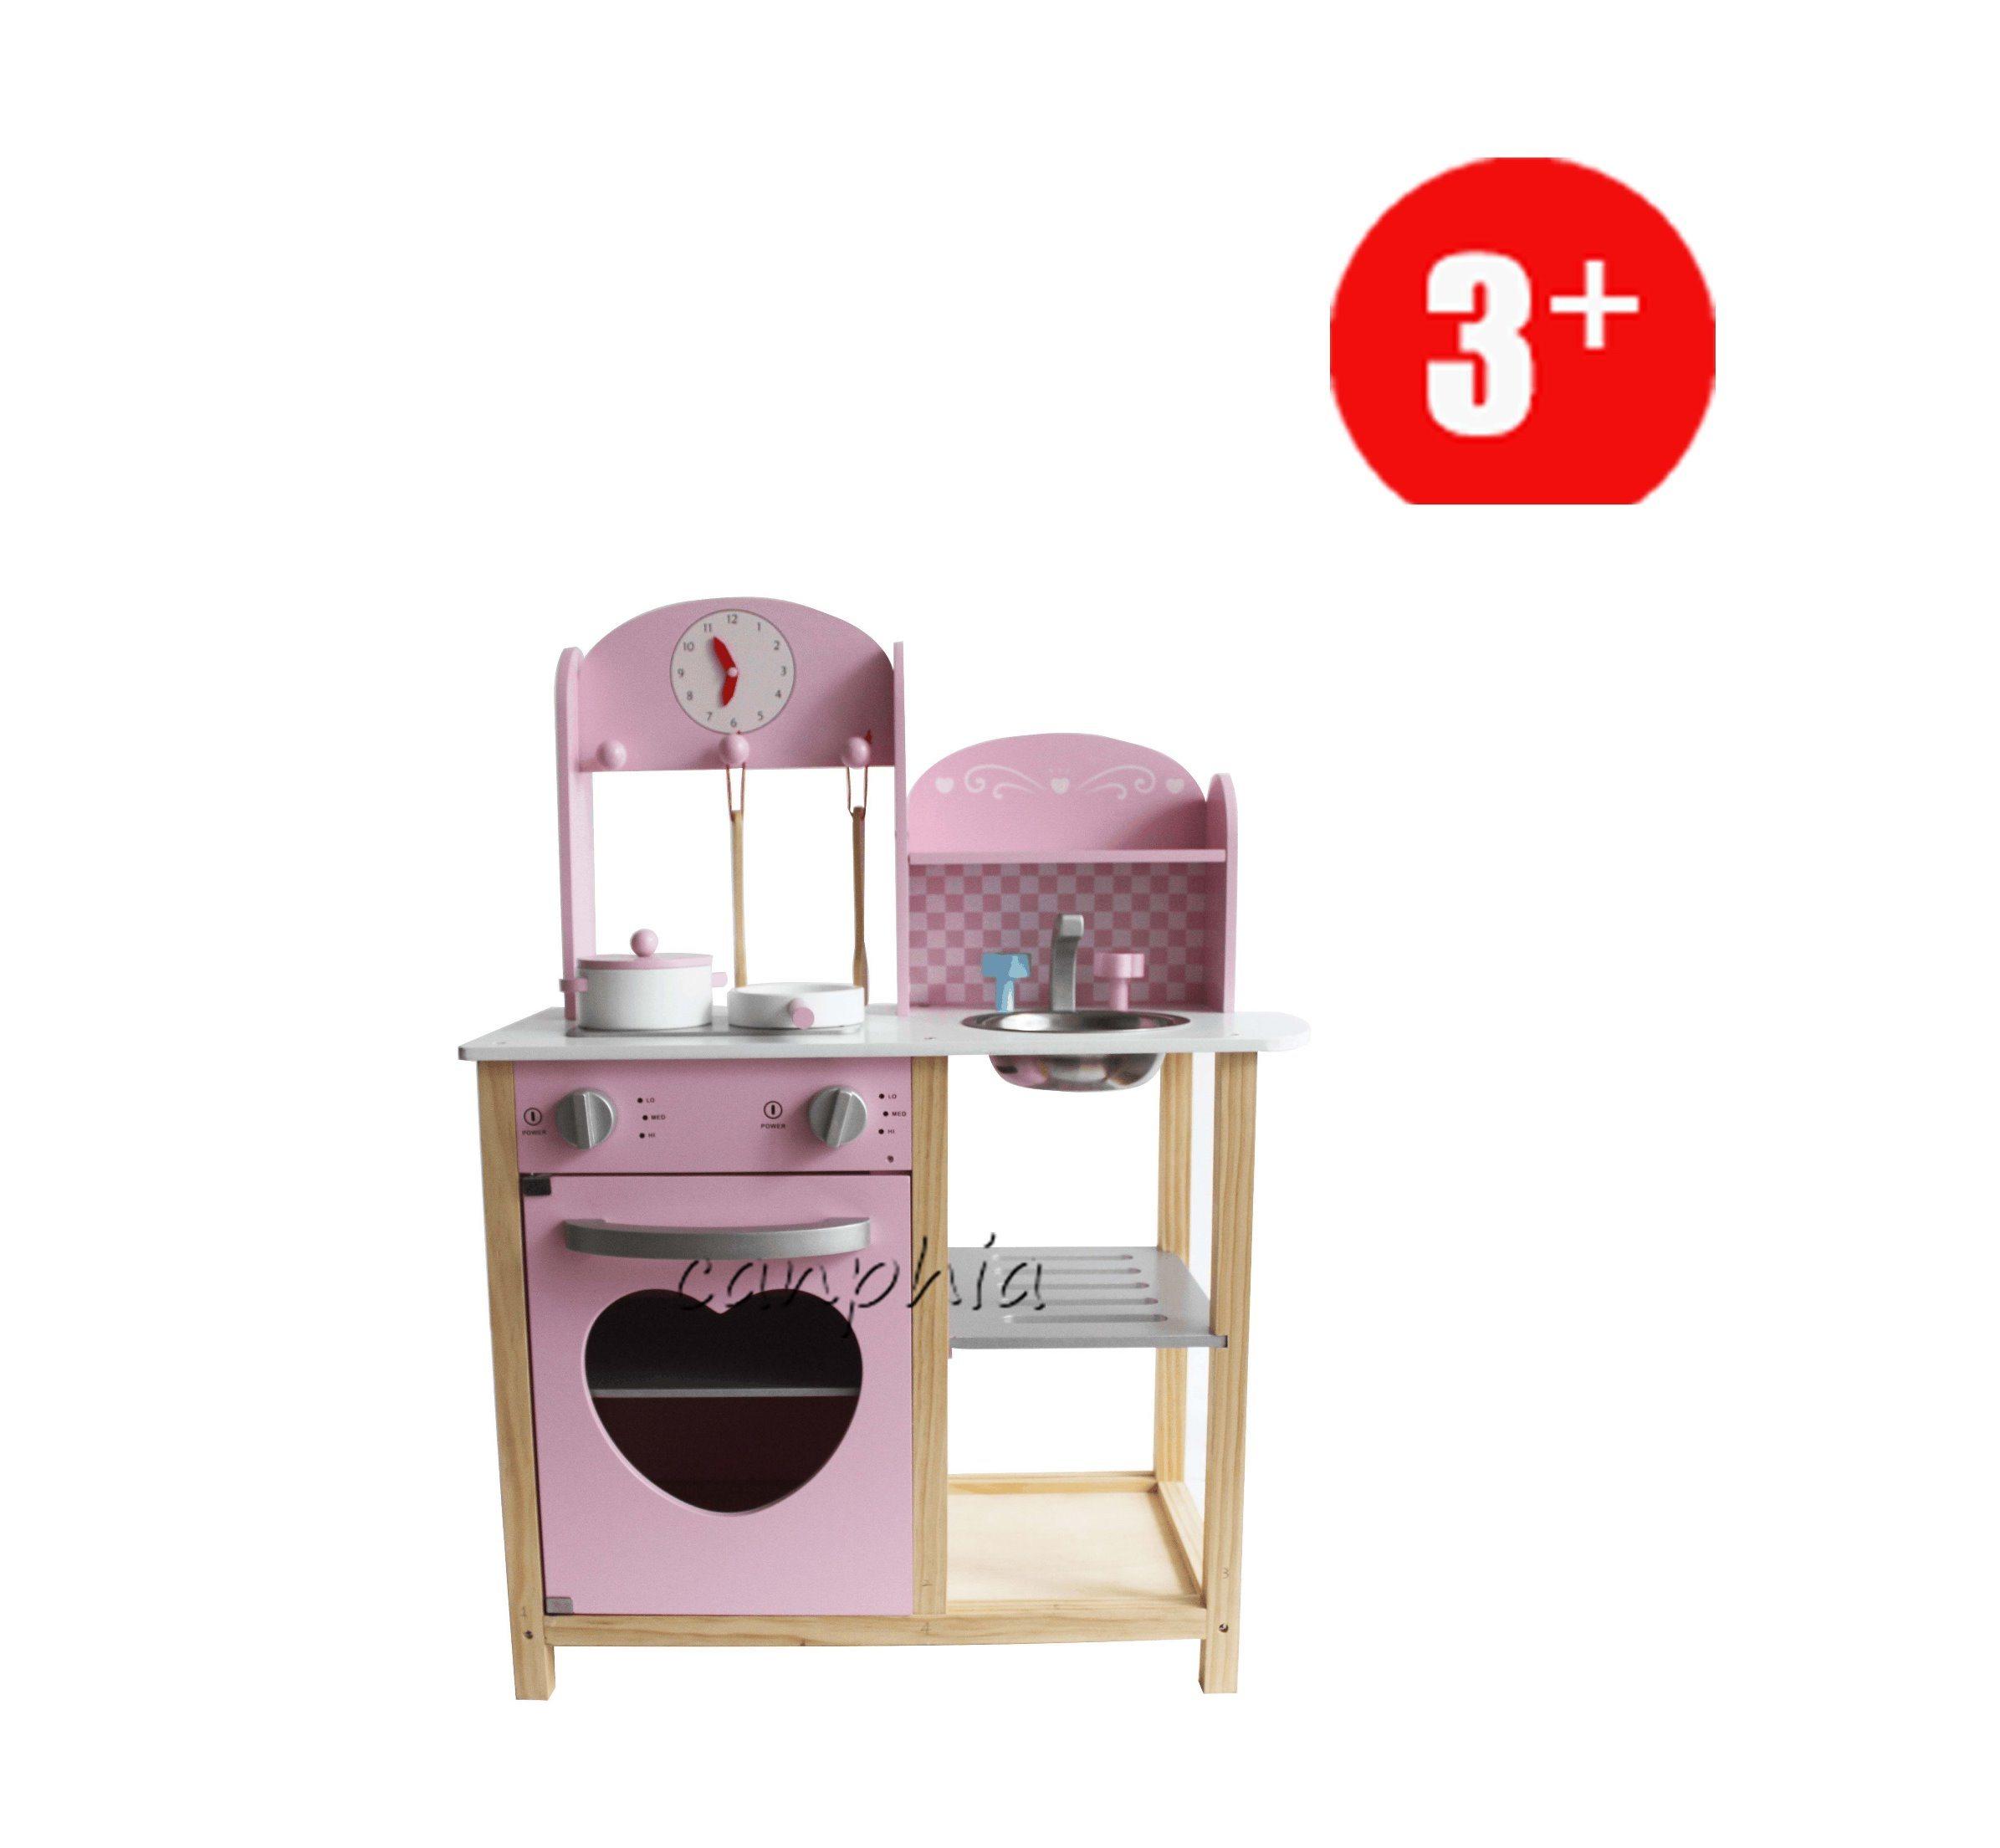 Wooden Pink World Kitchen Pretend Playset, DIY Wooden Toy for Children Education Toy